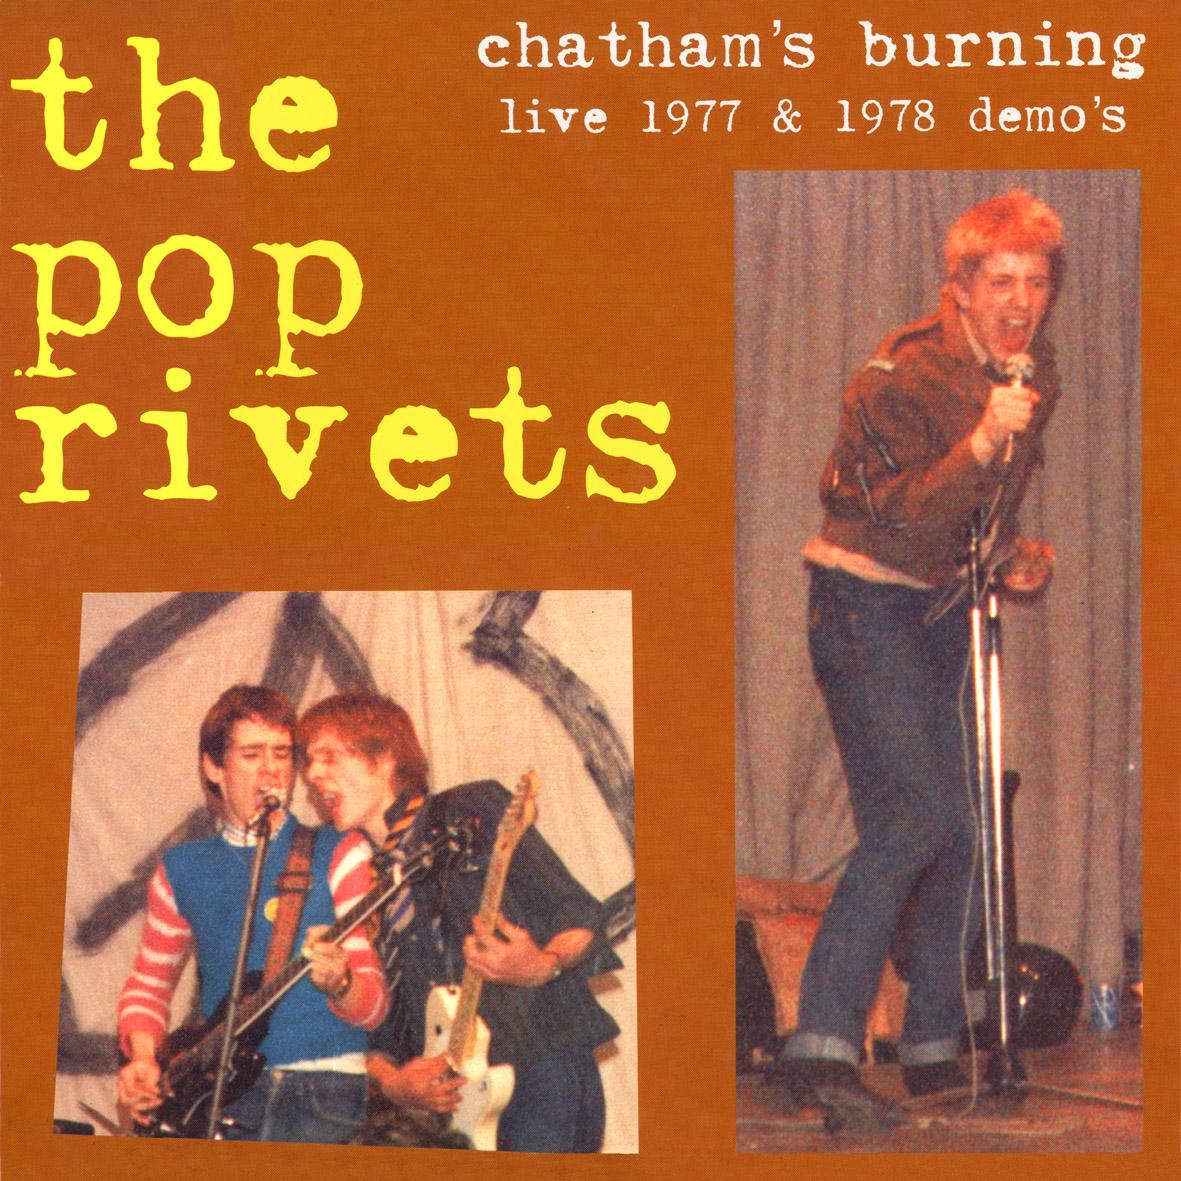 Chatham's Burning